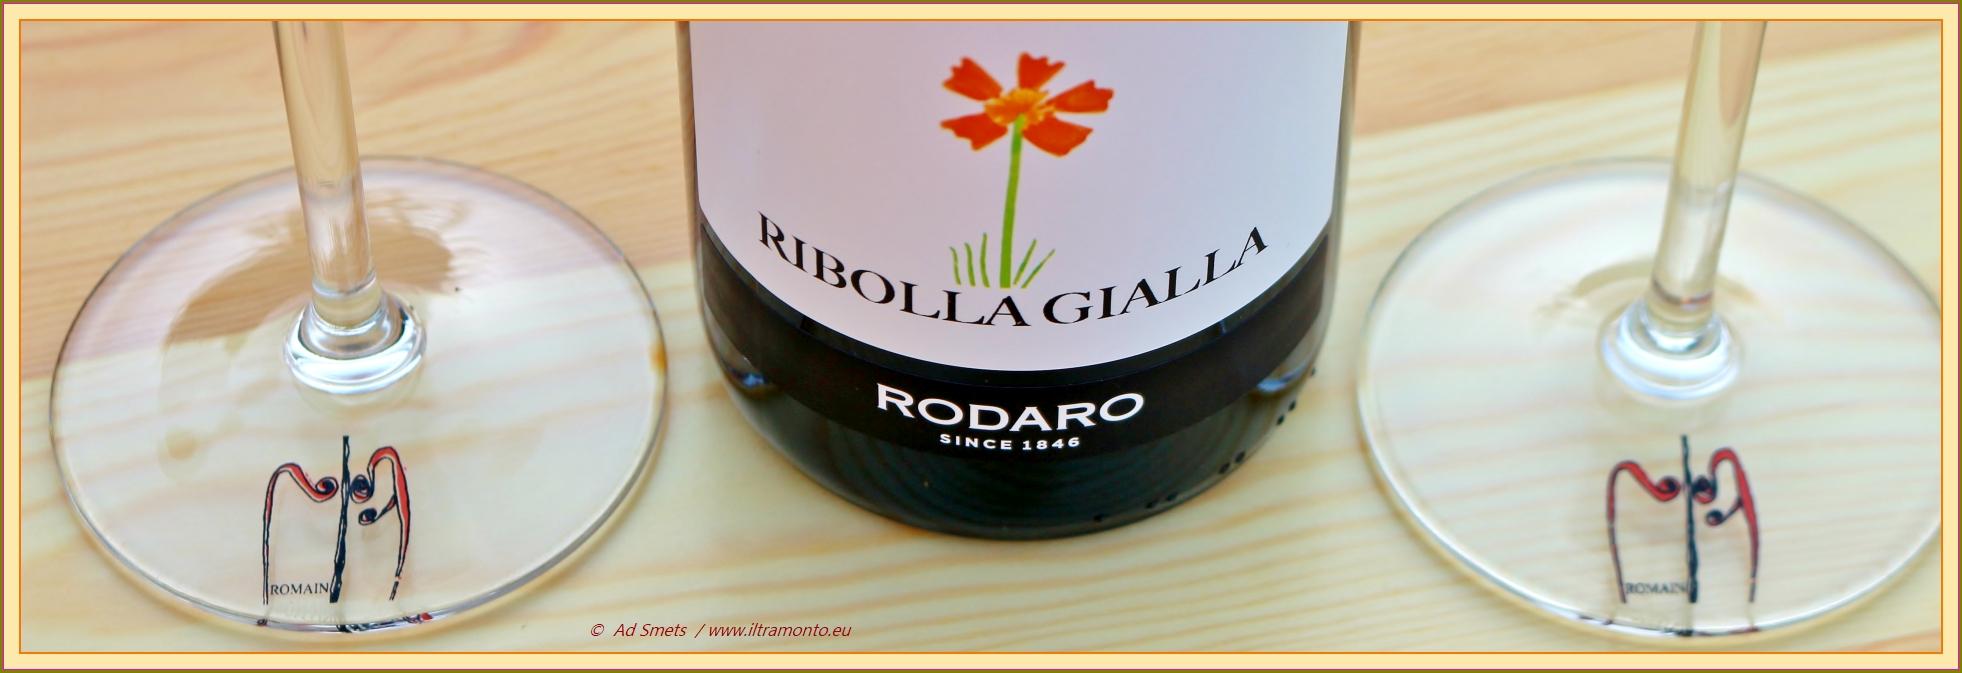 ribolla-gialla-rodaro_0941_il-tramonto-wines